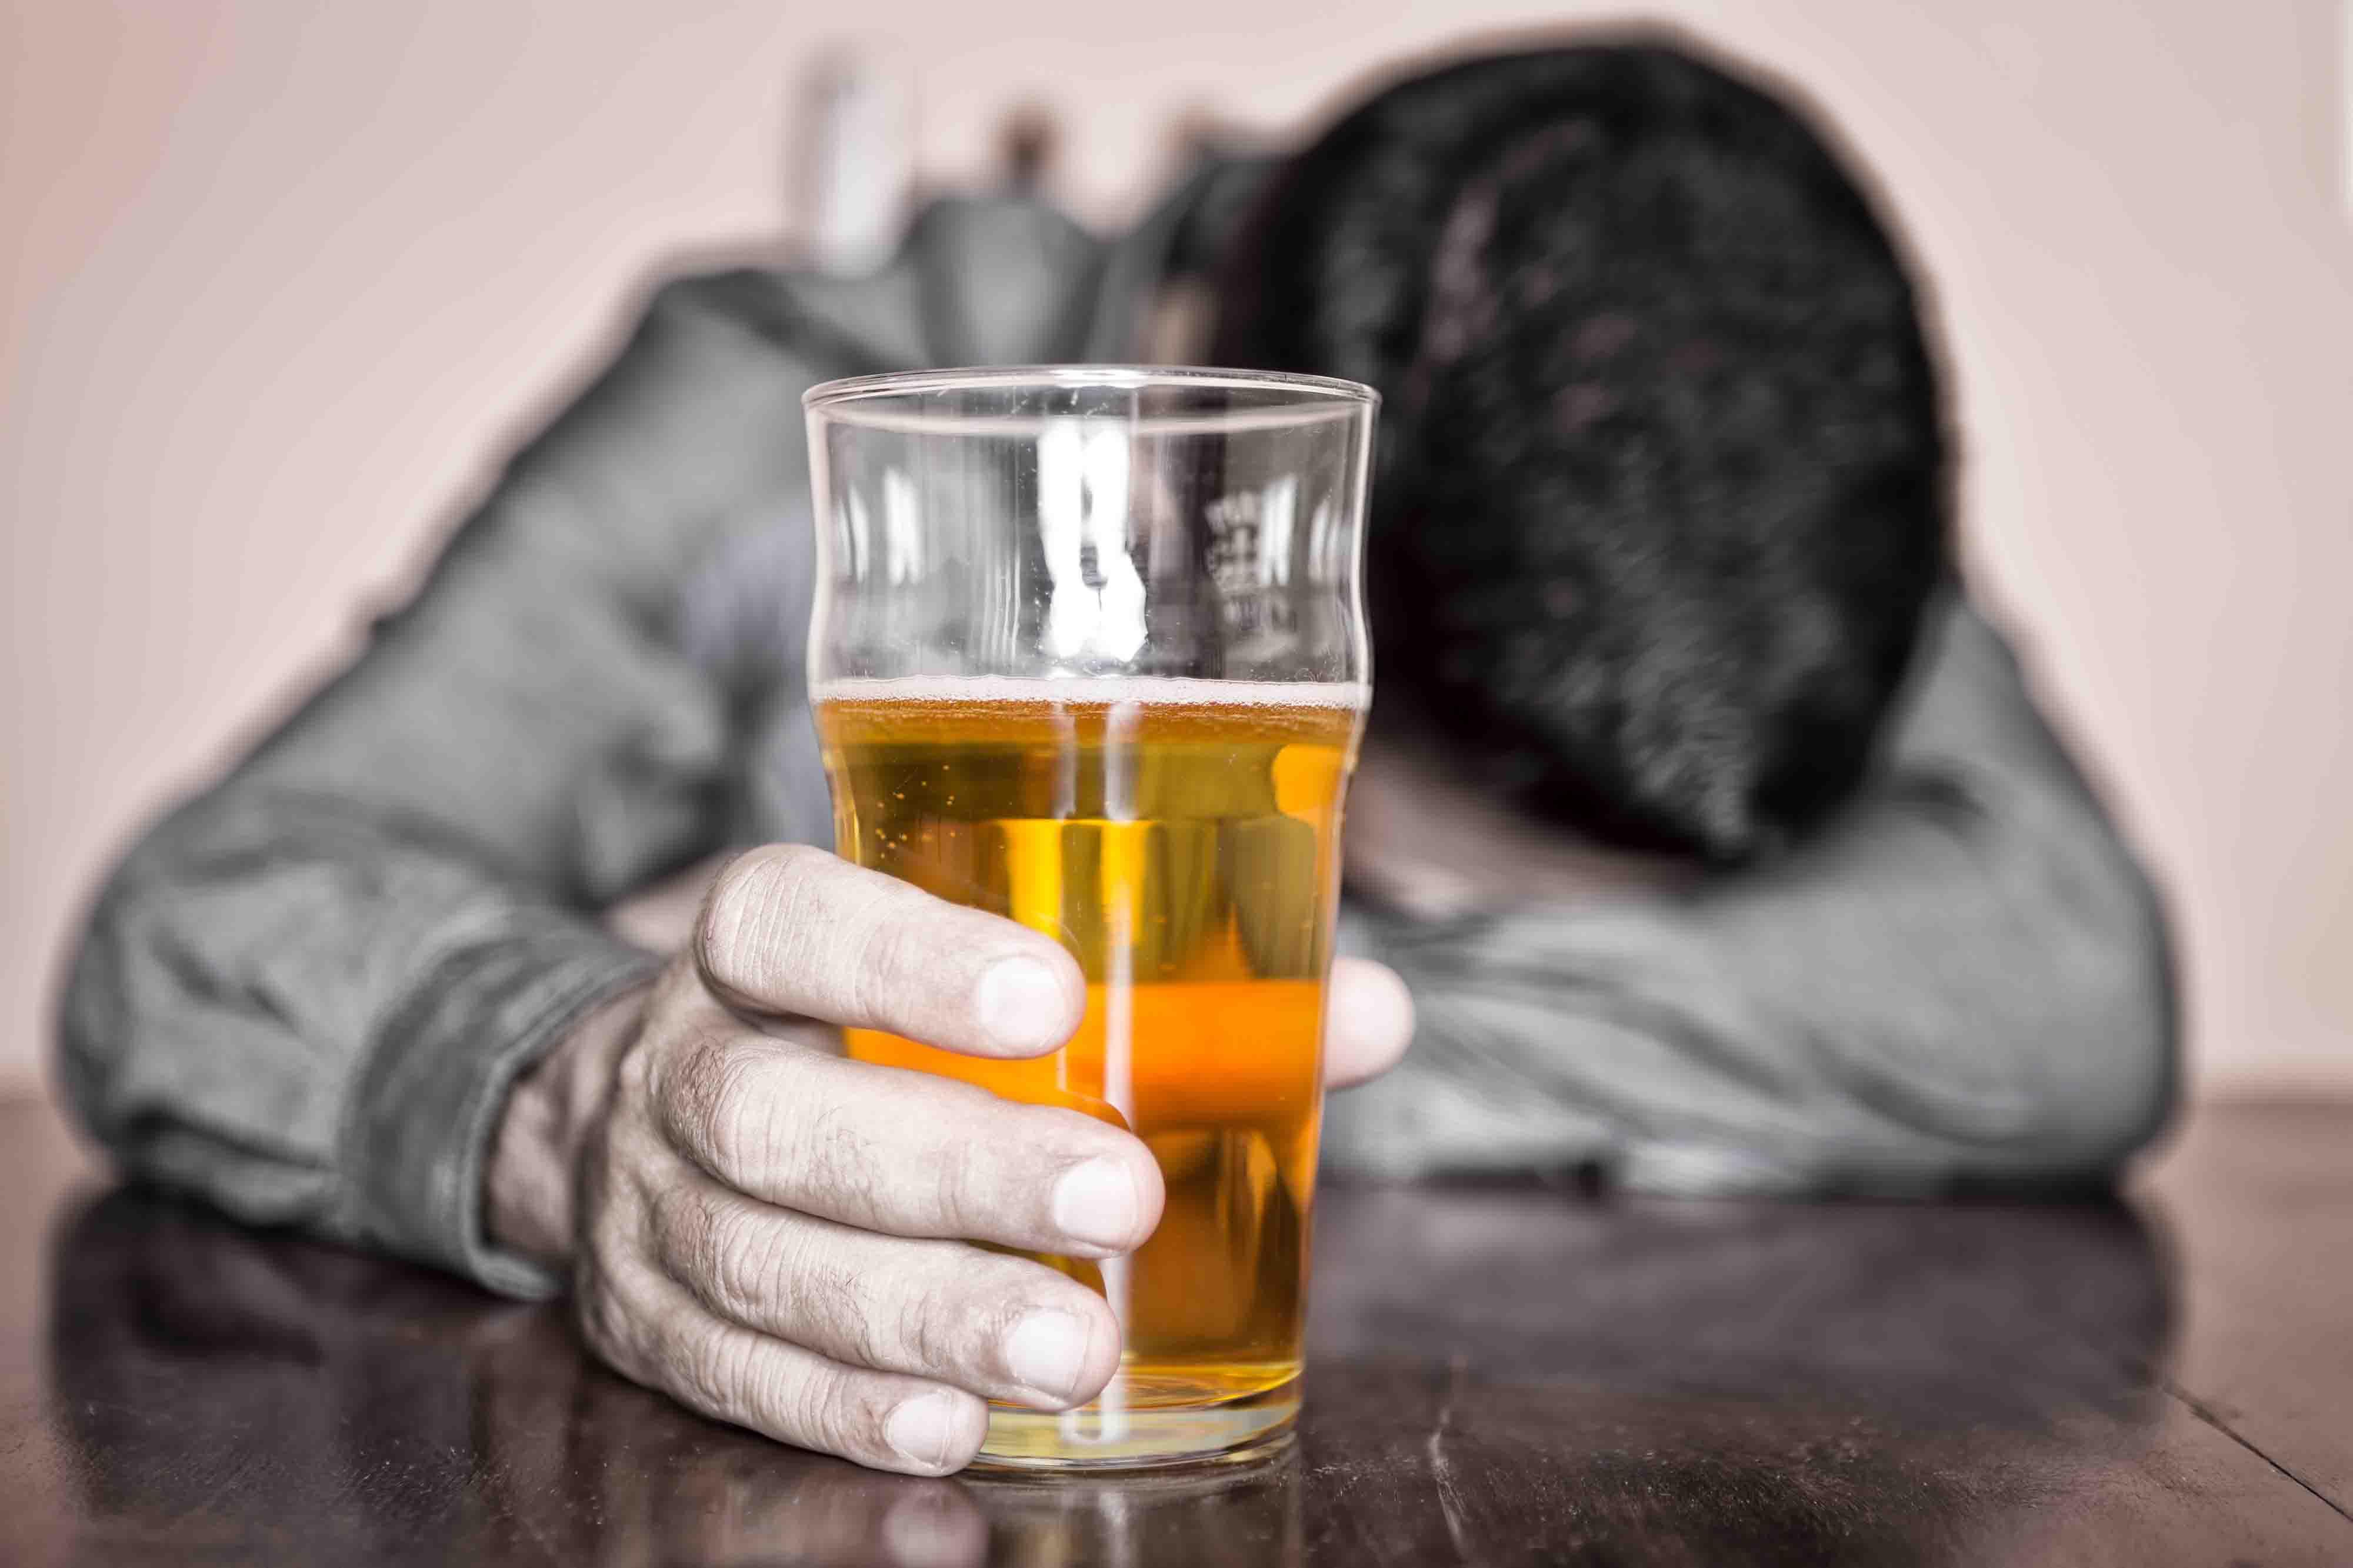 Эффективное лечение алкоголизма и как вести себя с алкоголиками диспансеры по лечению алкоголизма